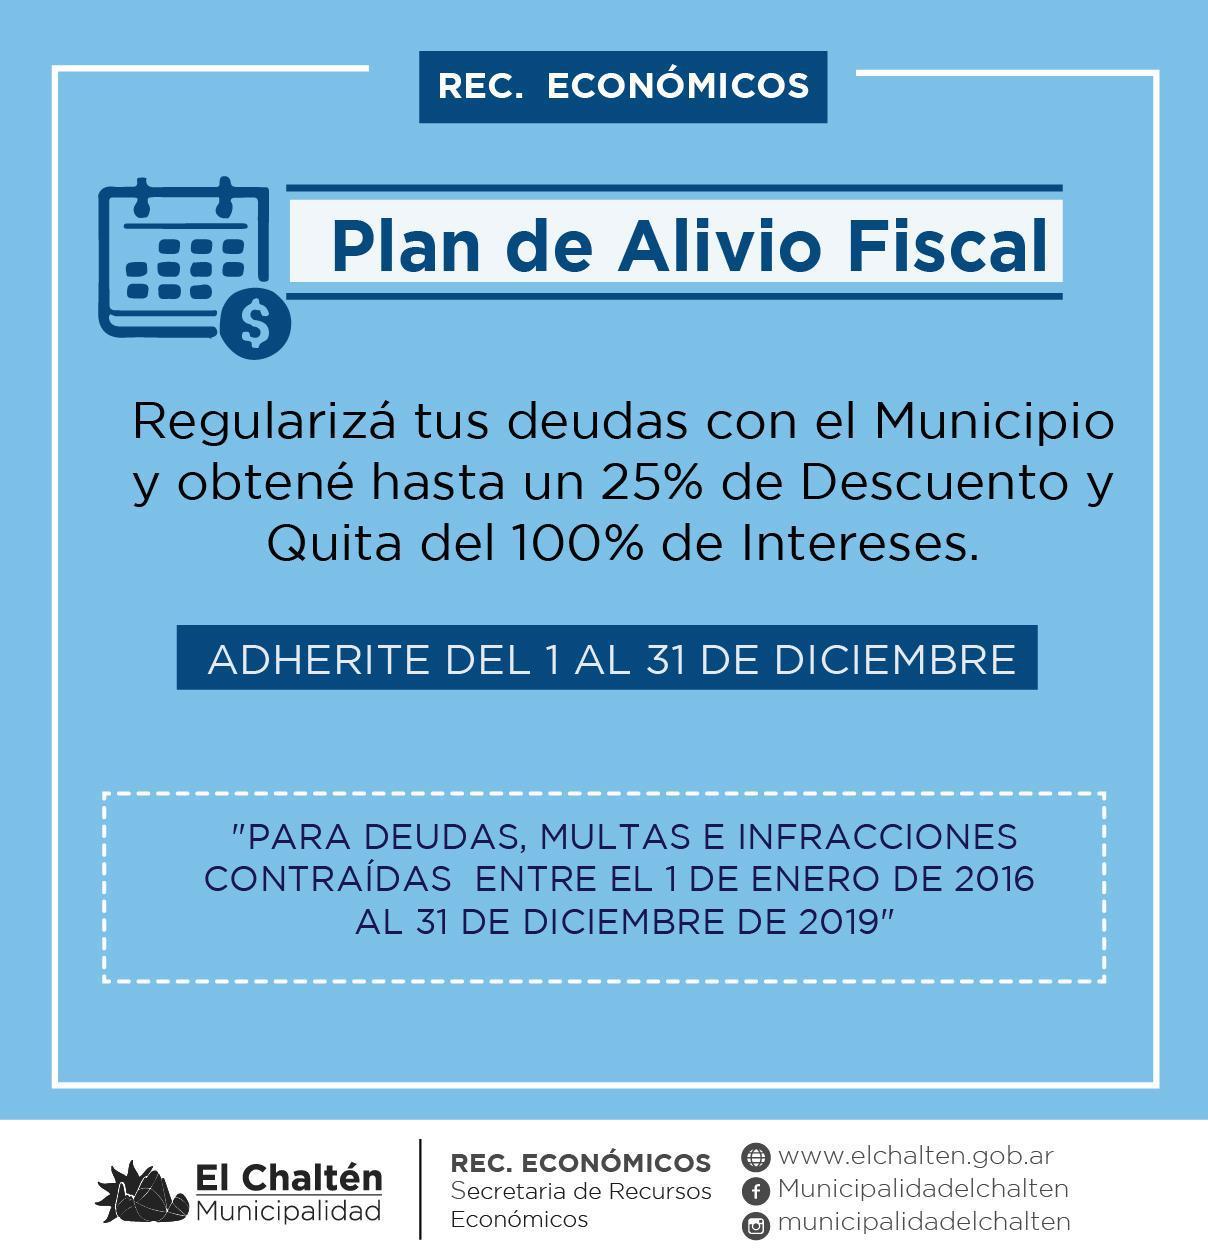 planalivio fiscal-01